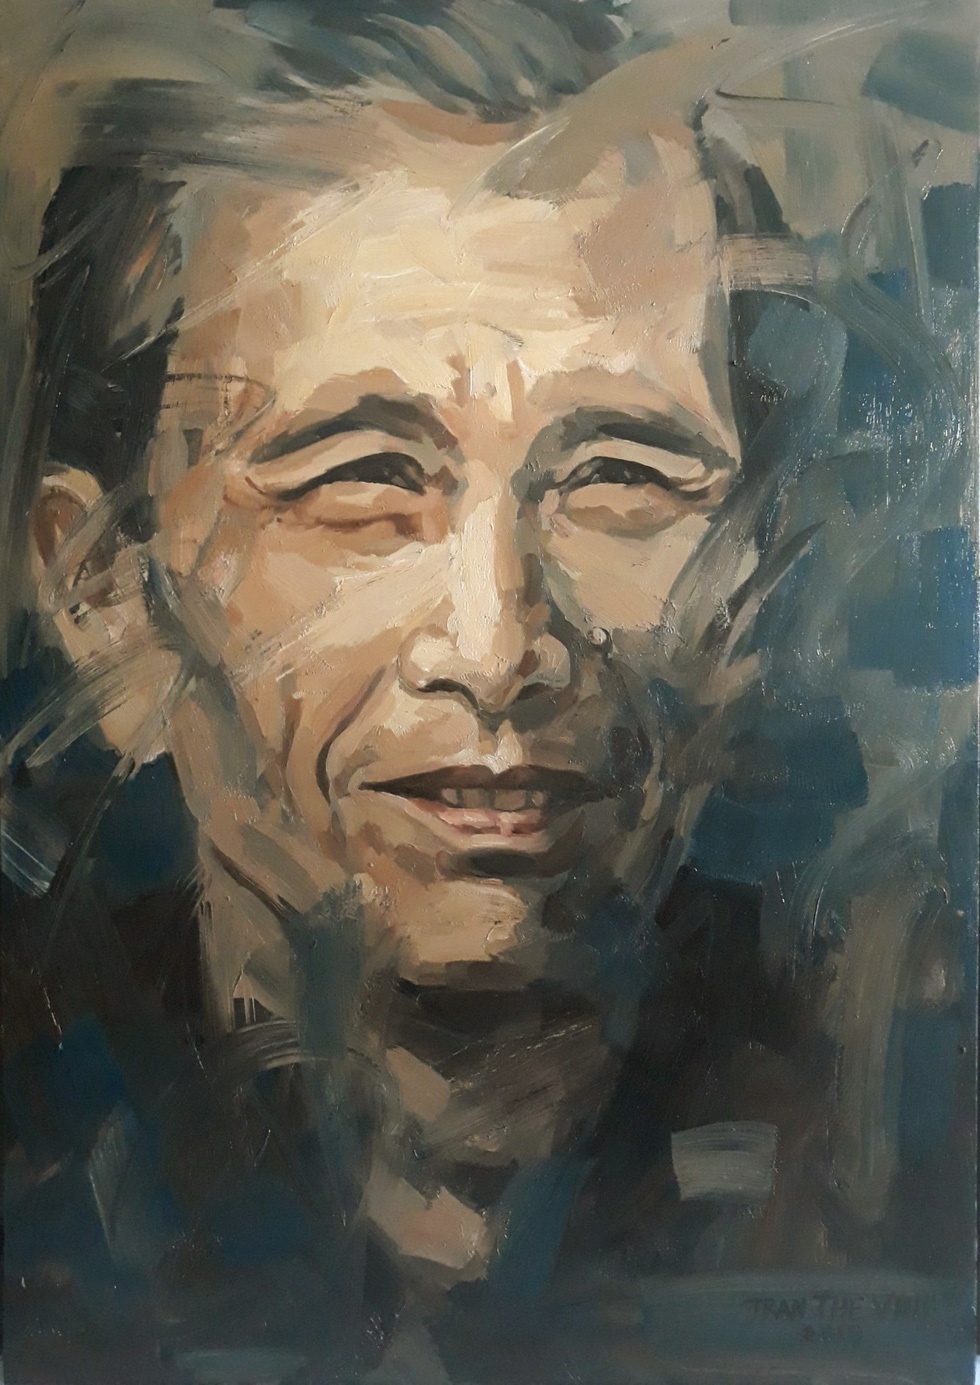 gắm chân dung các văn nghệ sĩ, trí thức tài hoa và truân chuyên - Ảnh 27